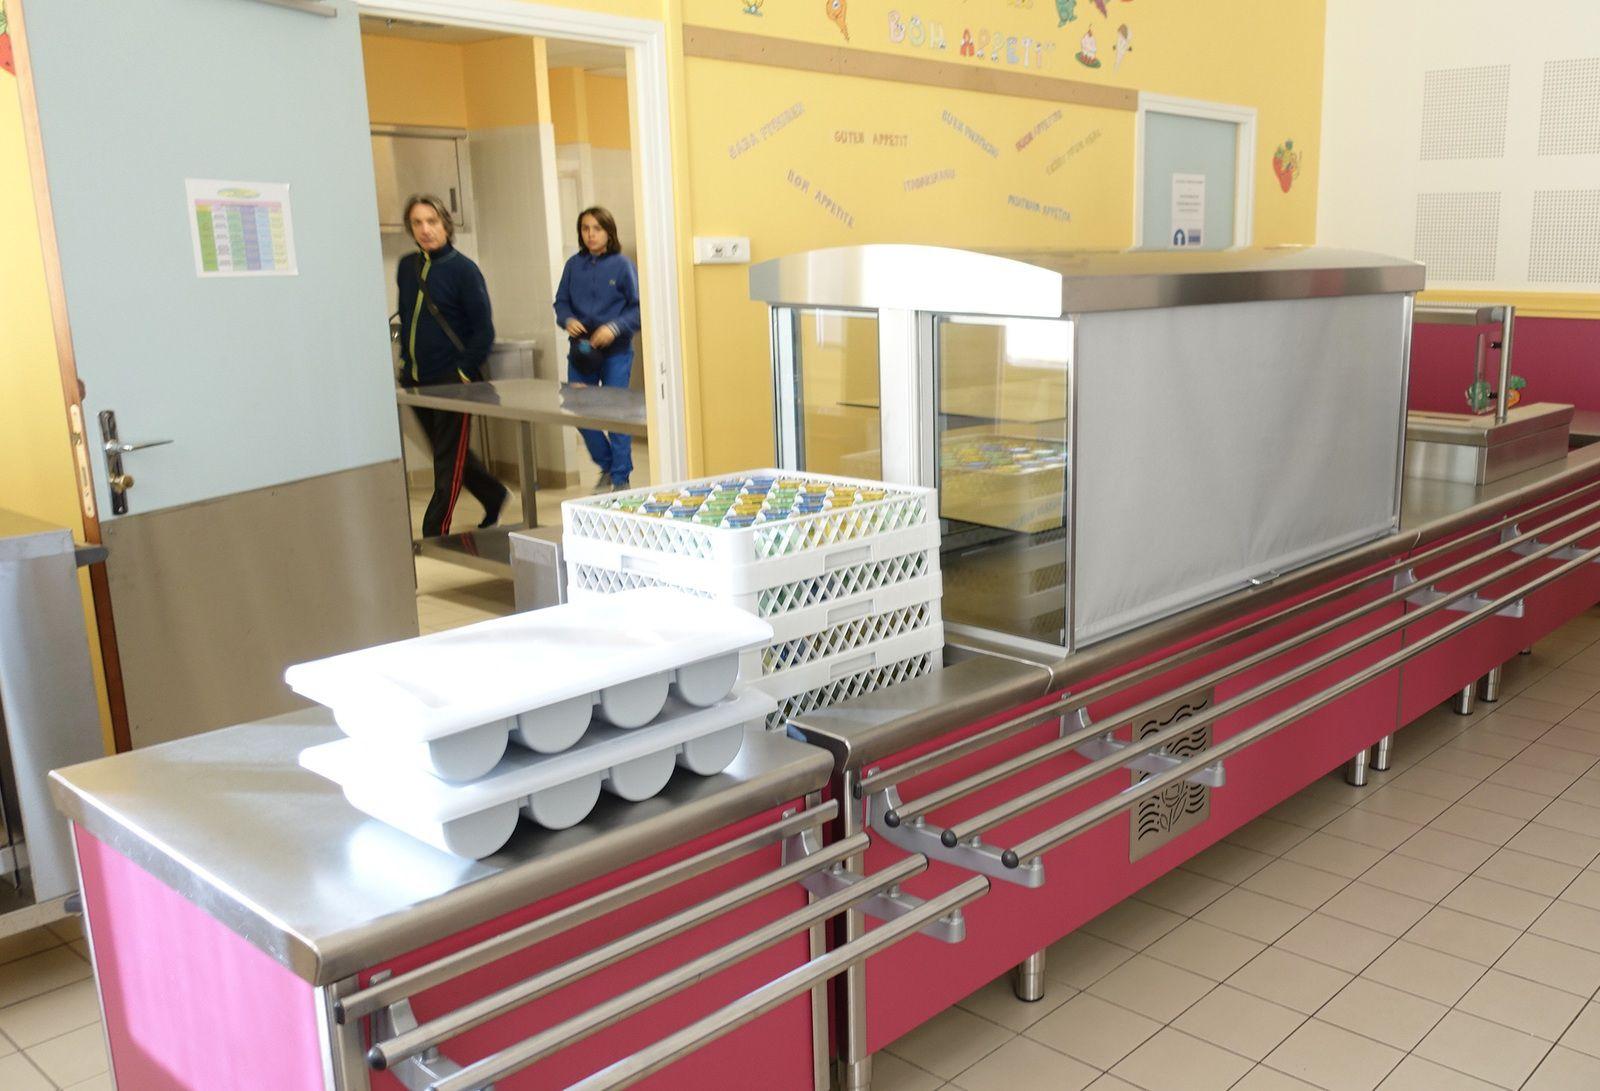 La municipalité soutient les familles en difficulté en matière d'accès à l'alimentation